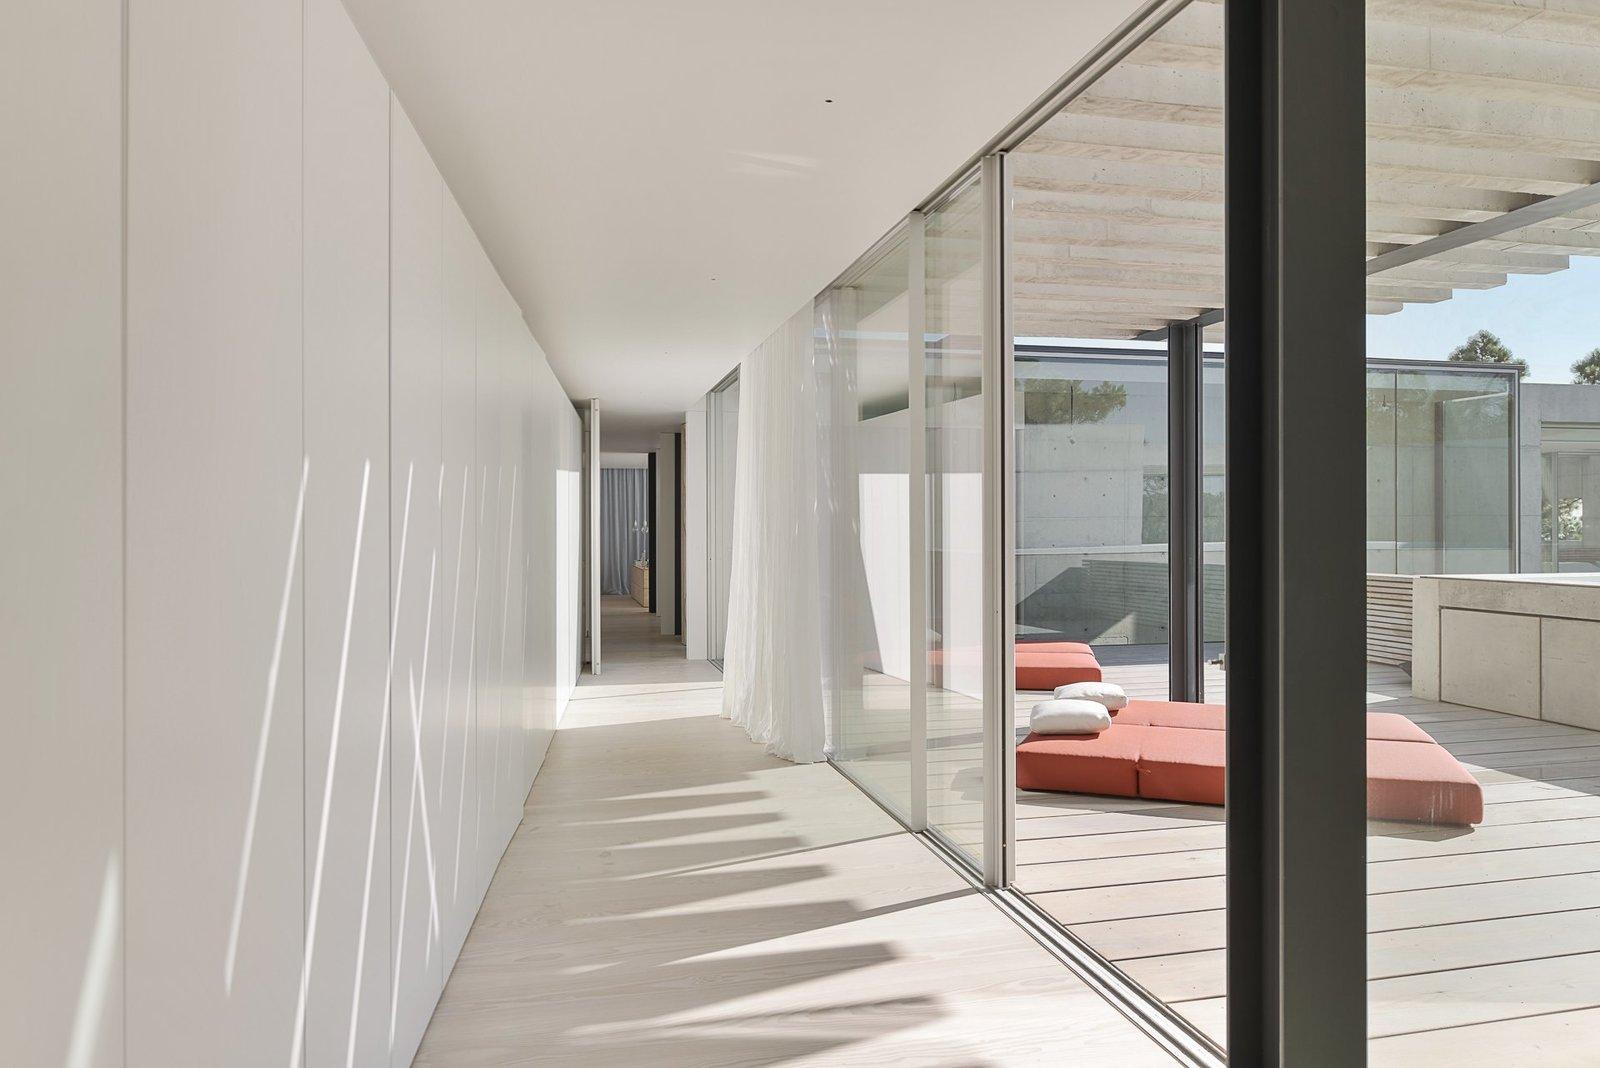 The Wall House indoor hallway.